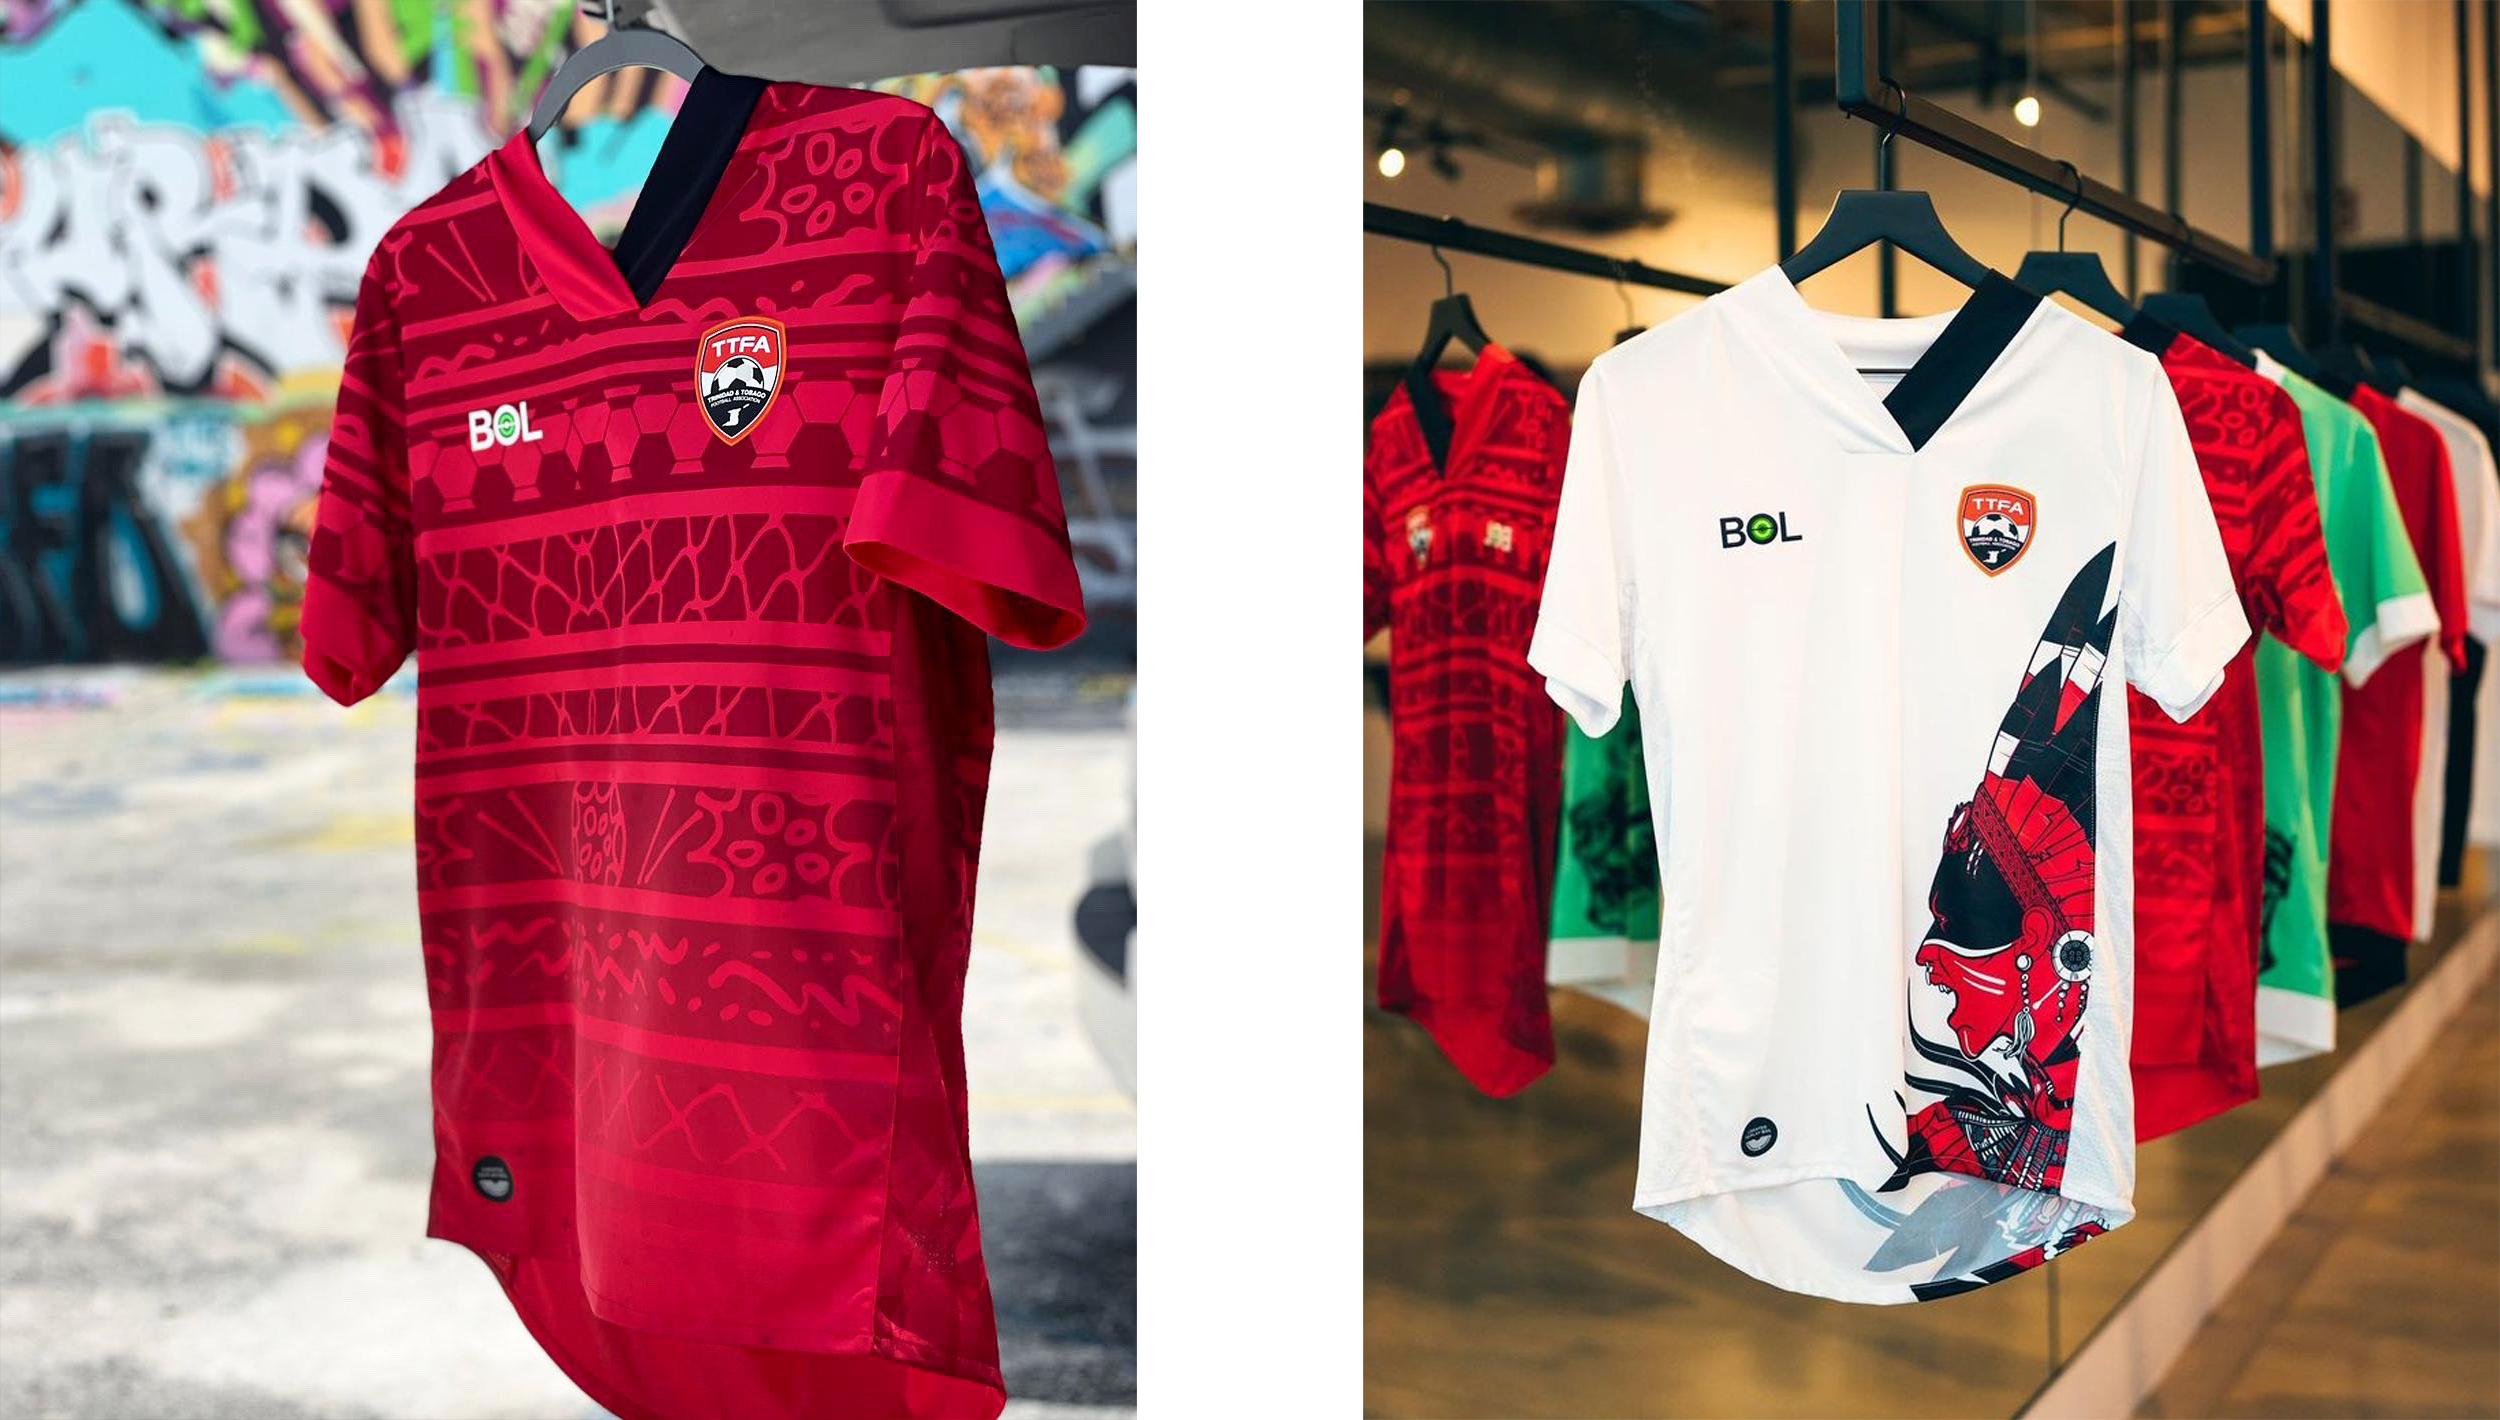 Trinidad and Tobago 2021-22 kits by BOL football